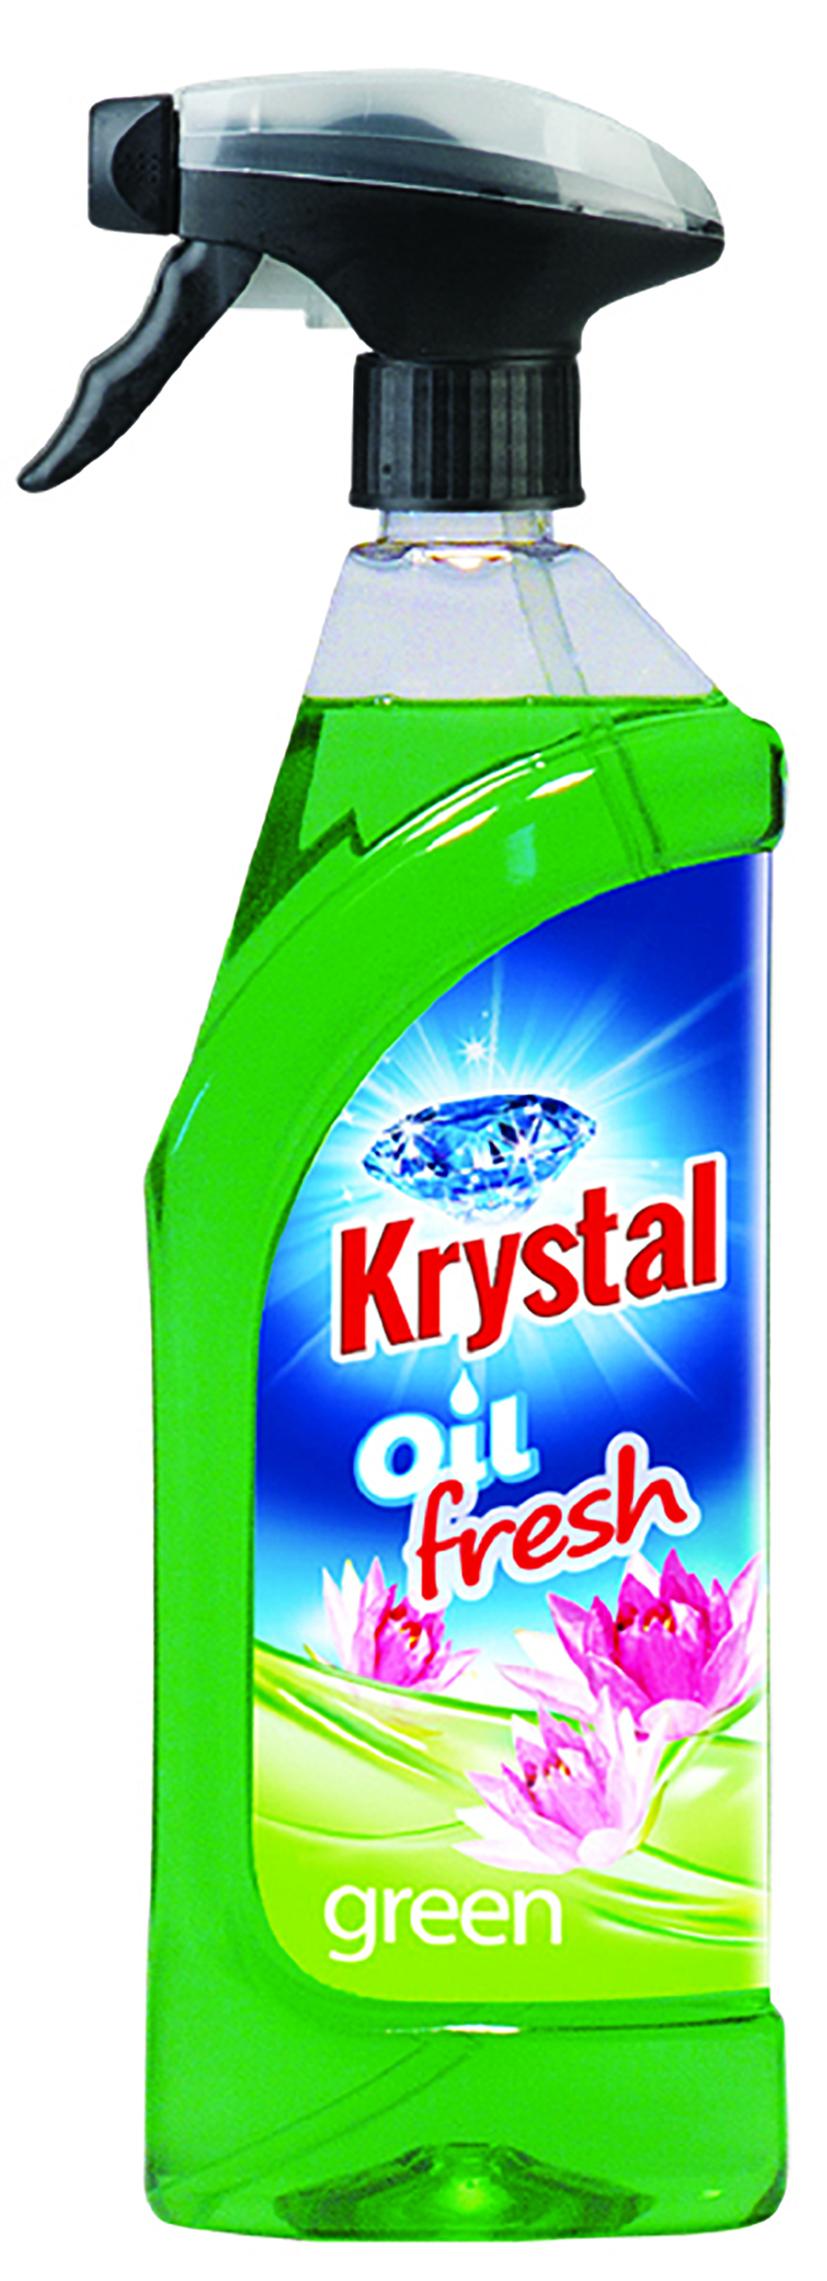 Krystal olejový osvěžovač 750 ml zelený